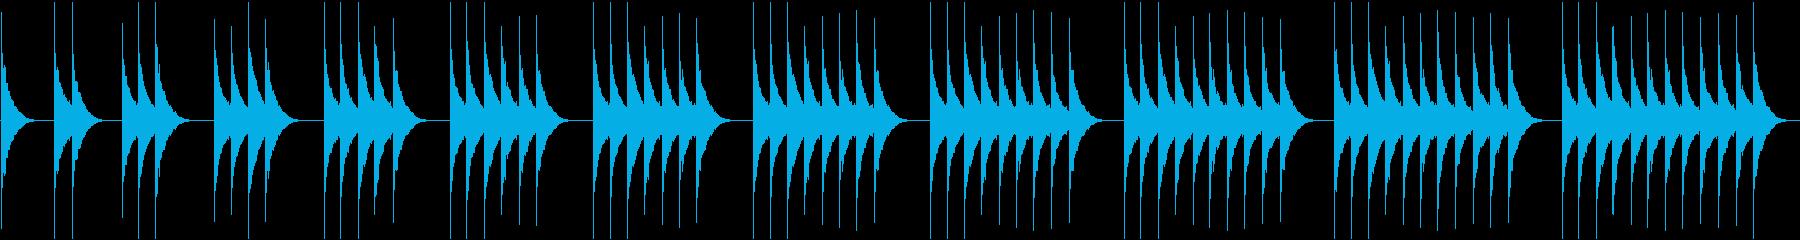 (ボーン、ボーン)レトロな柱時計の時報の再生済みの波形